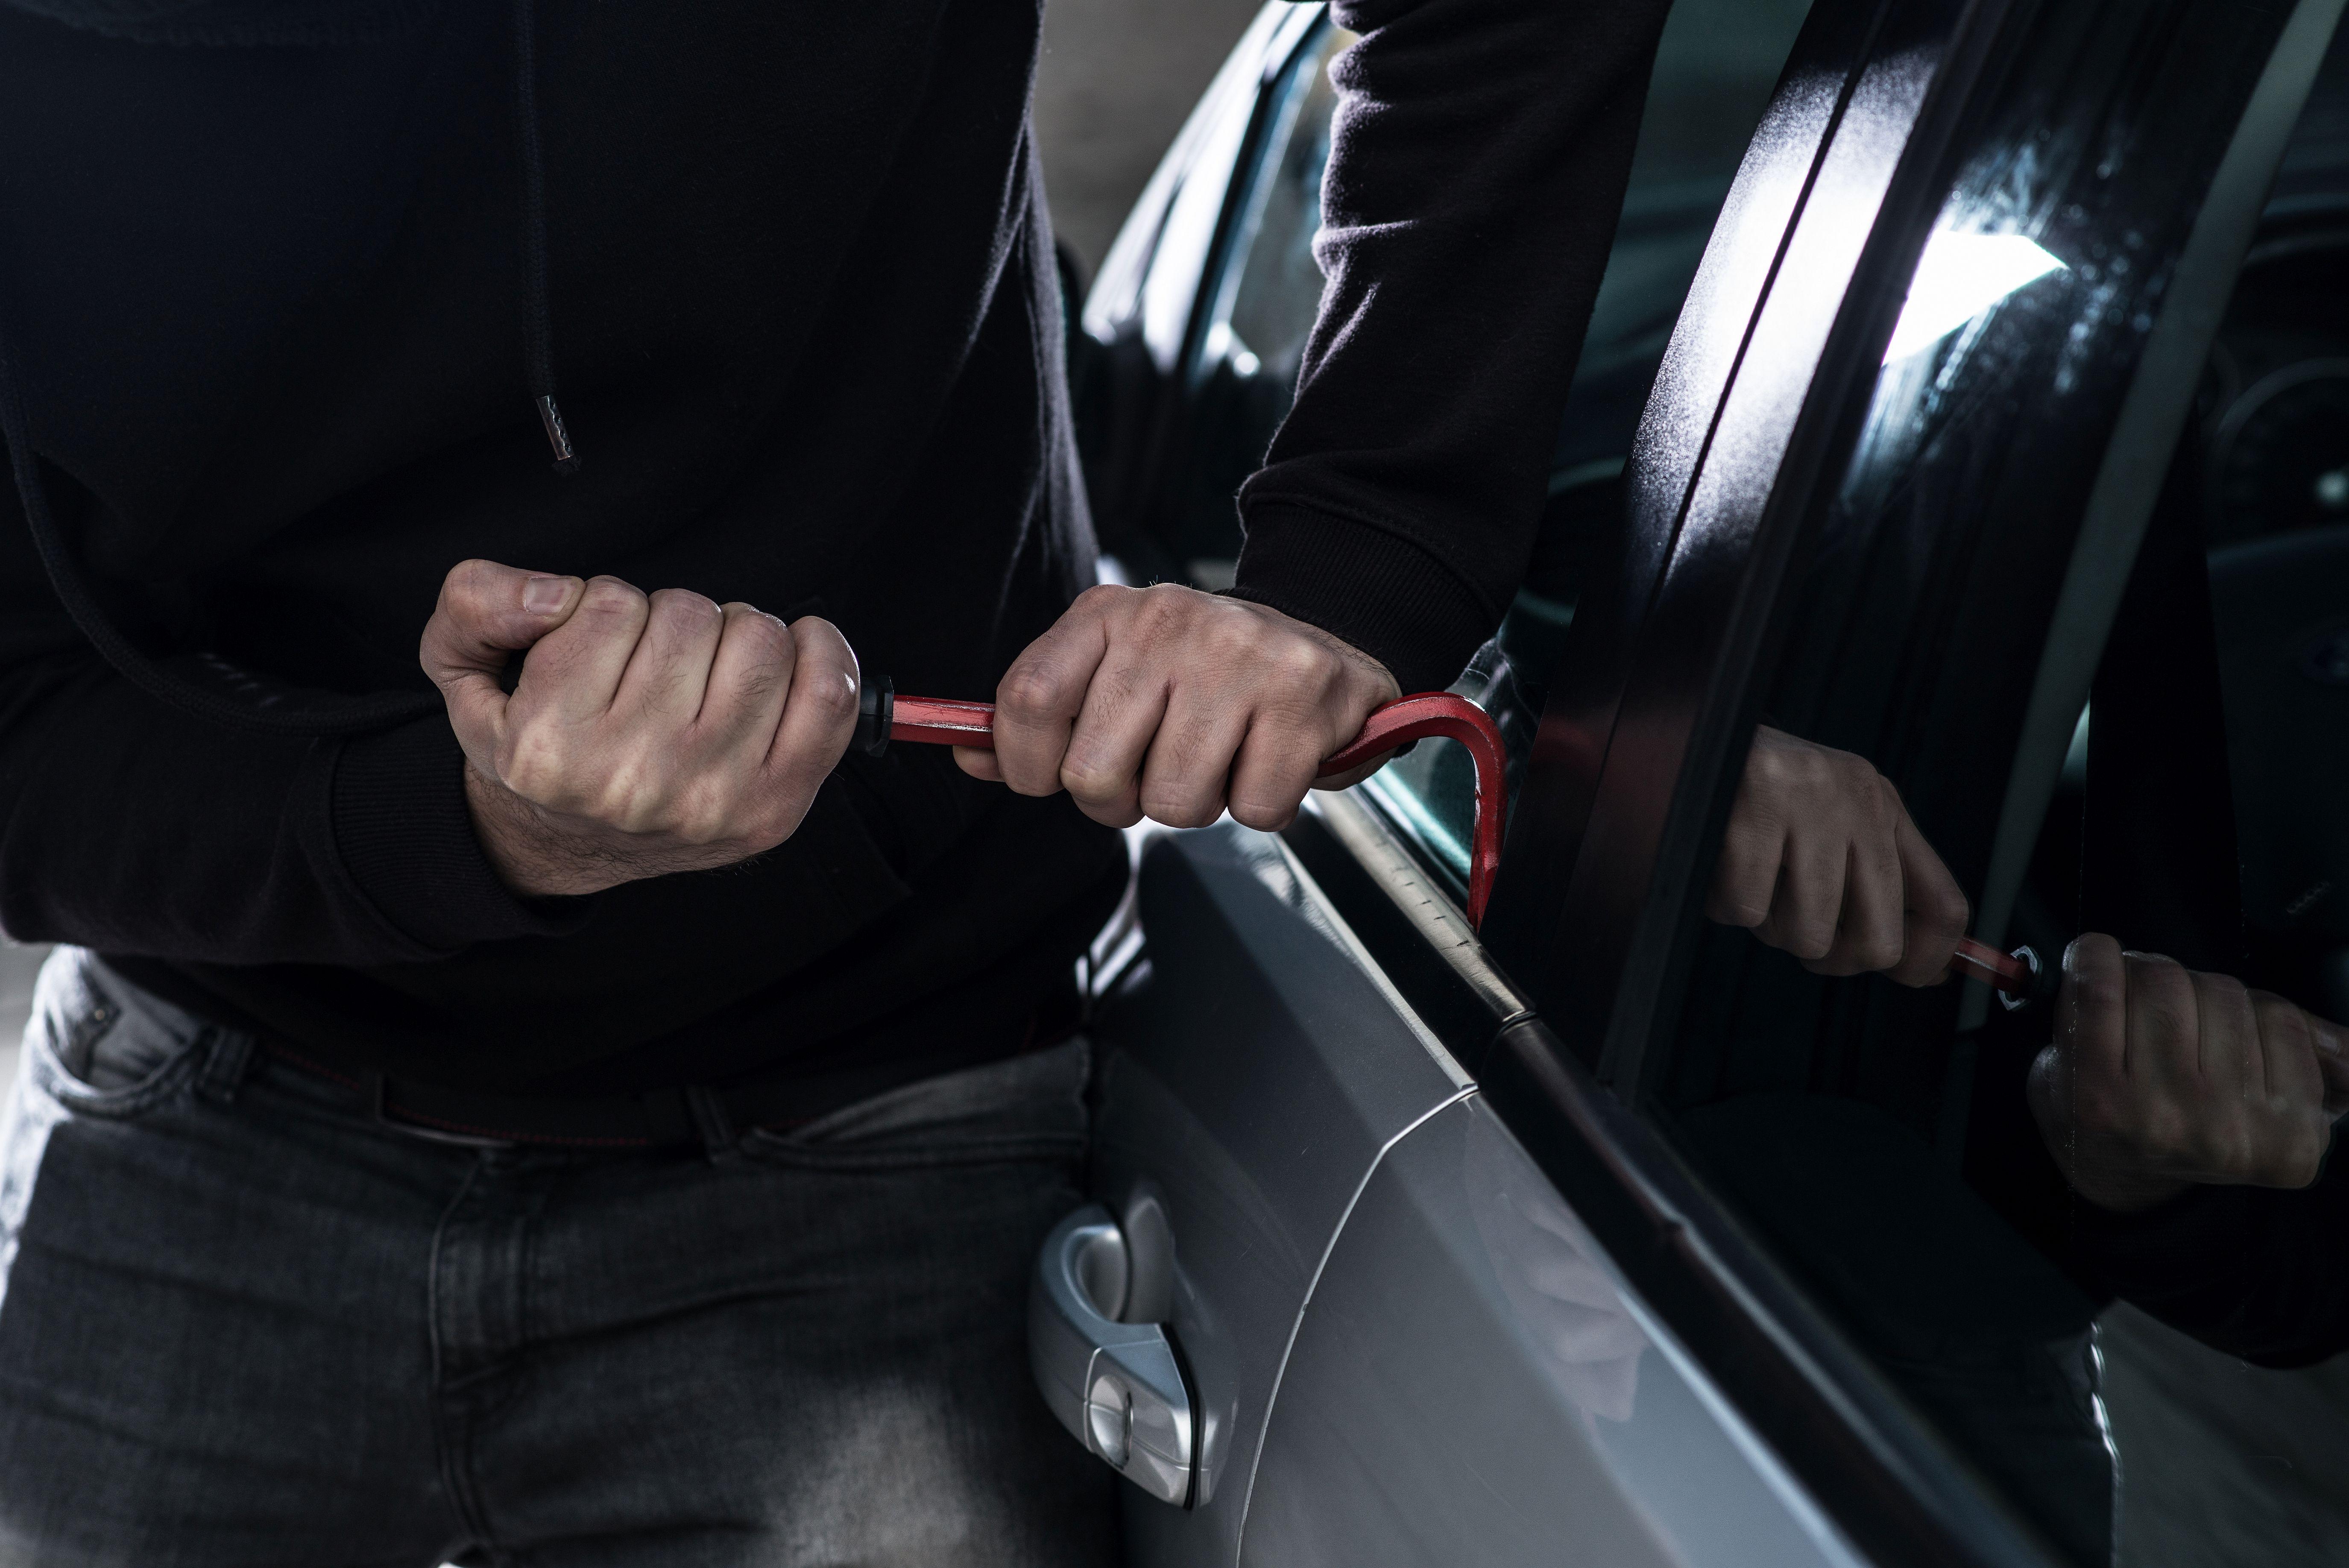 ¿No puedes abrir tu coche? Llámanos